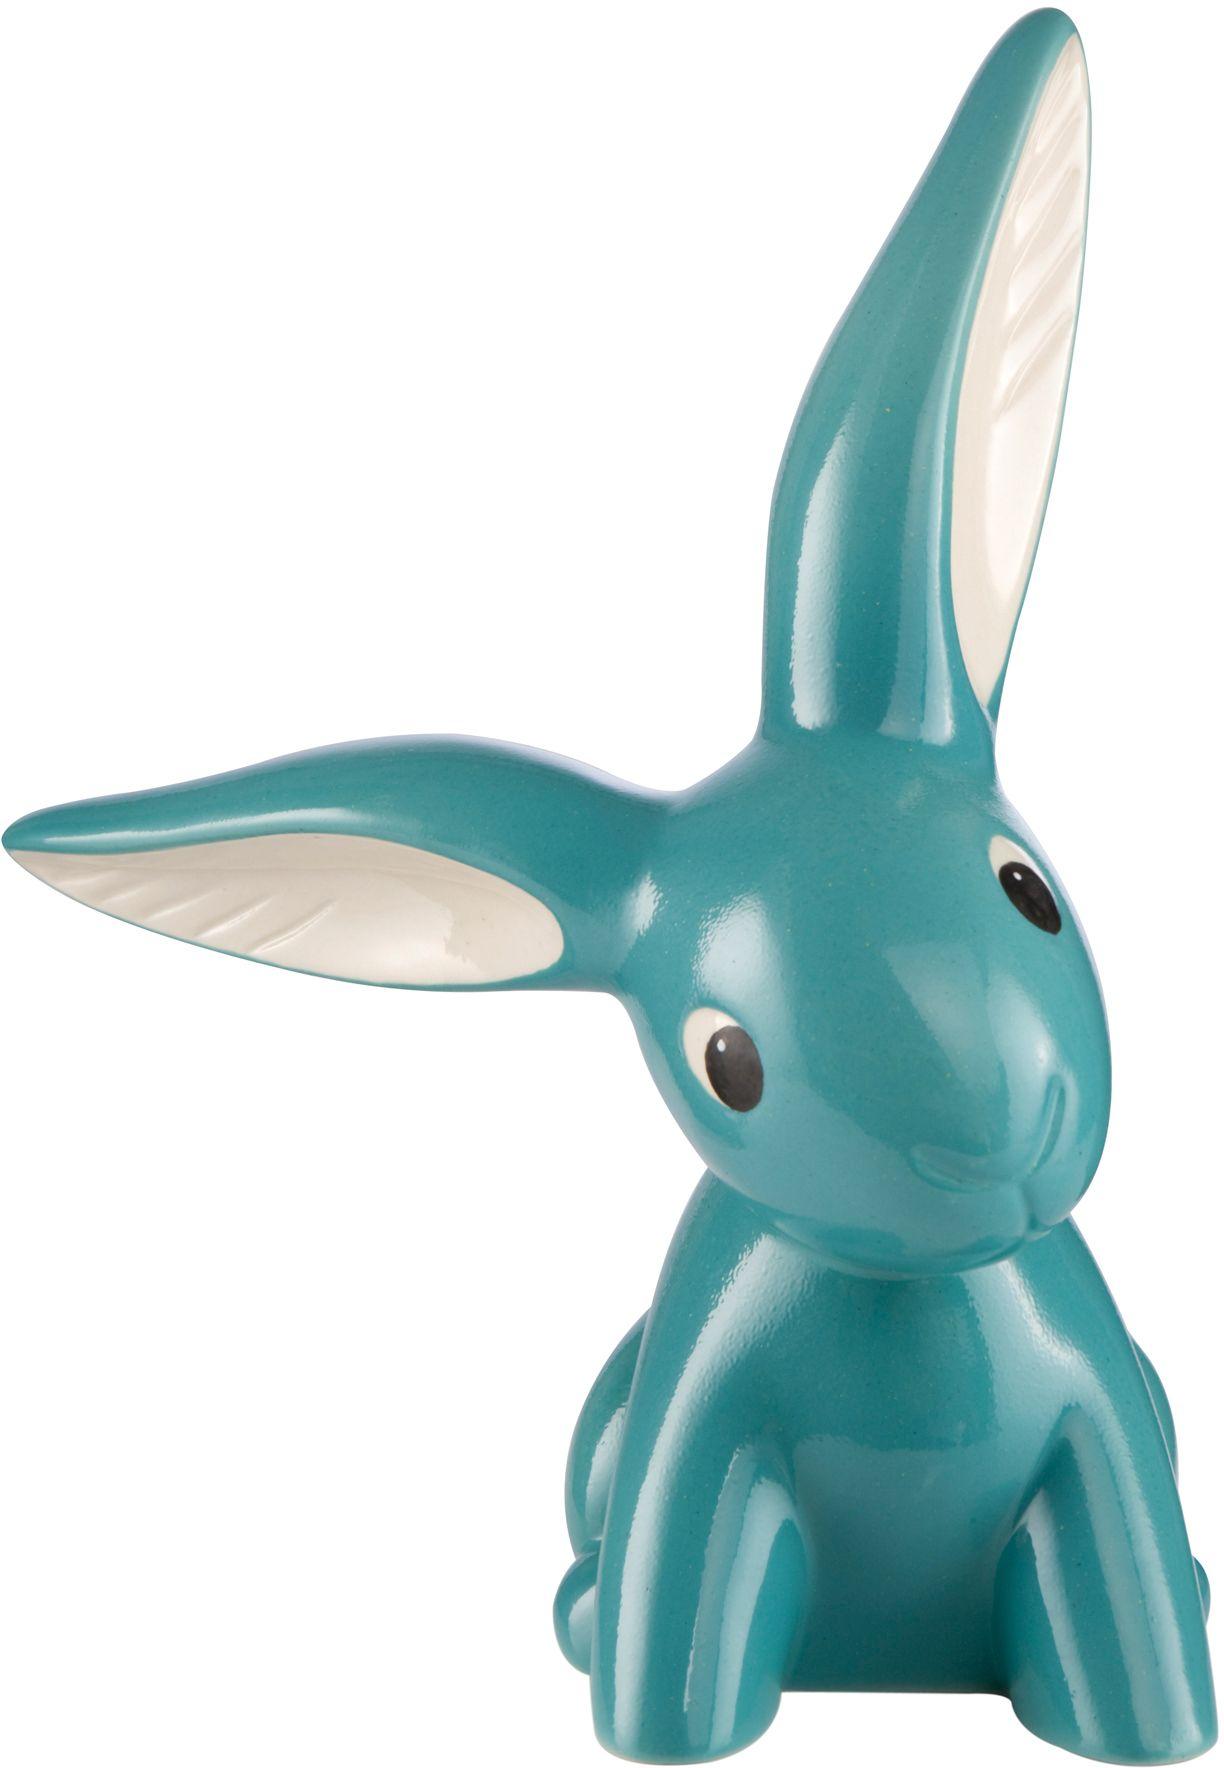 GOEBEL Goebel Hase Bunny de luxe, »Turquoise Bunny«